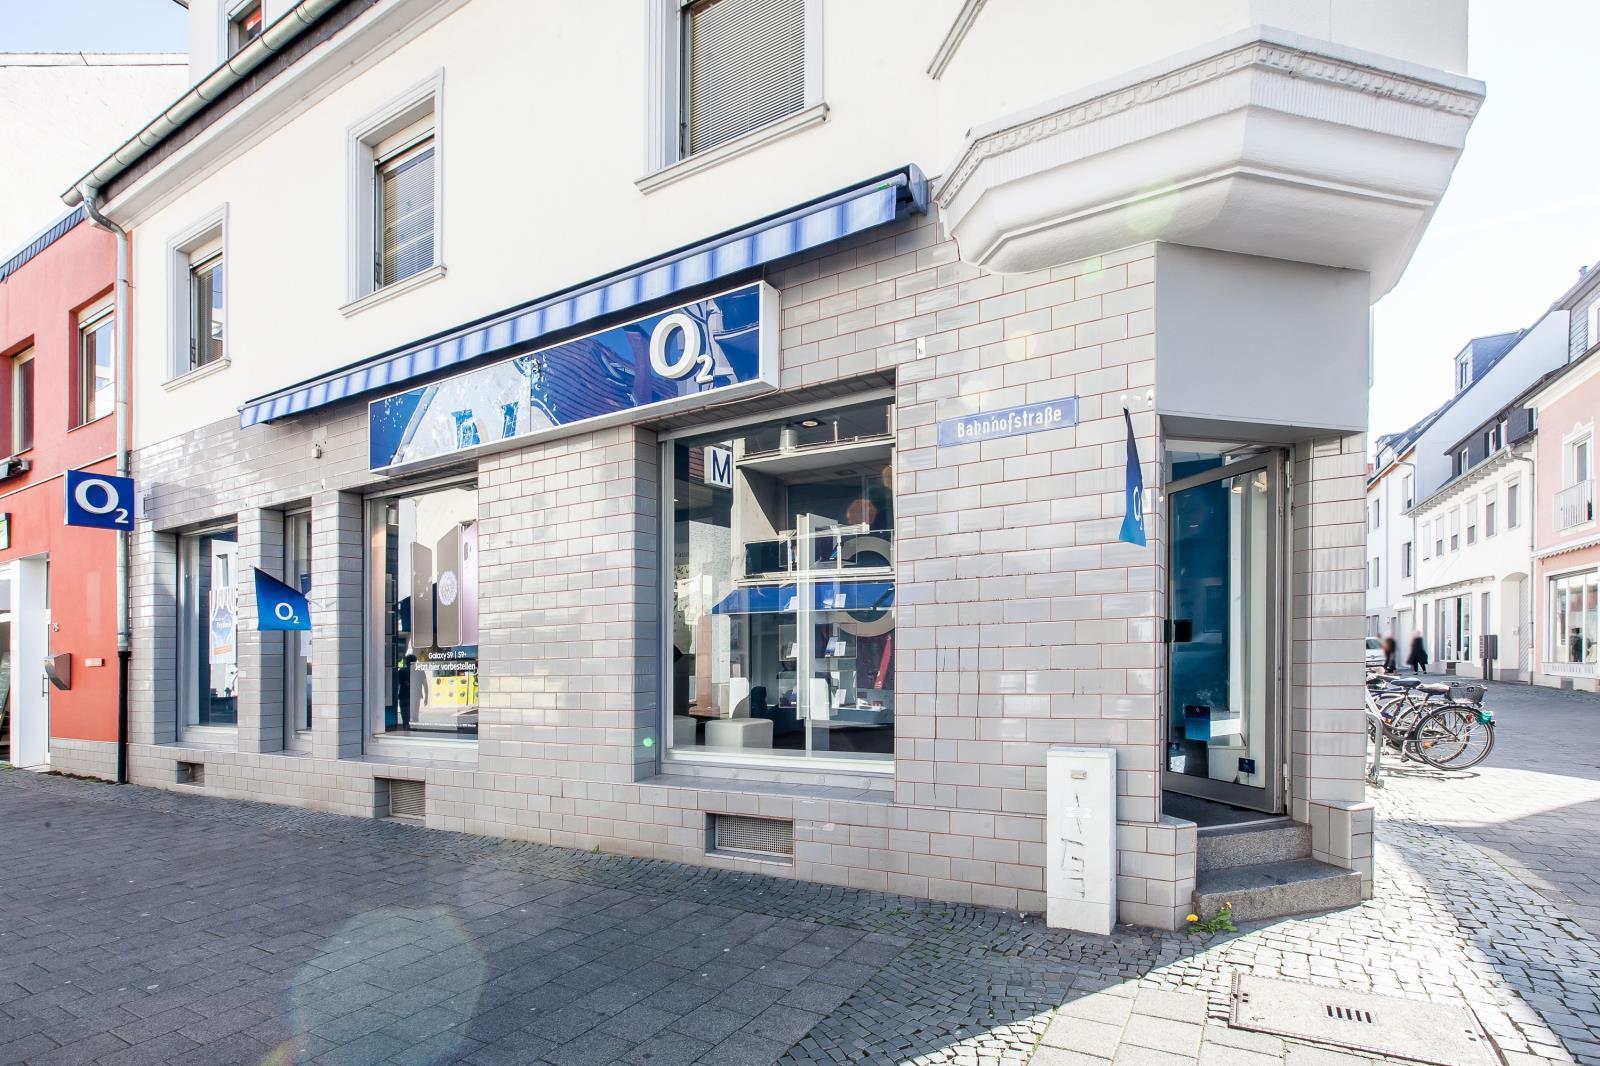 o2 Shop Rüsselsheim am Main